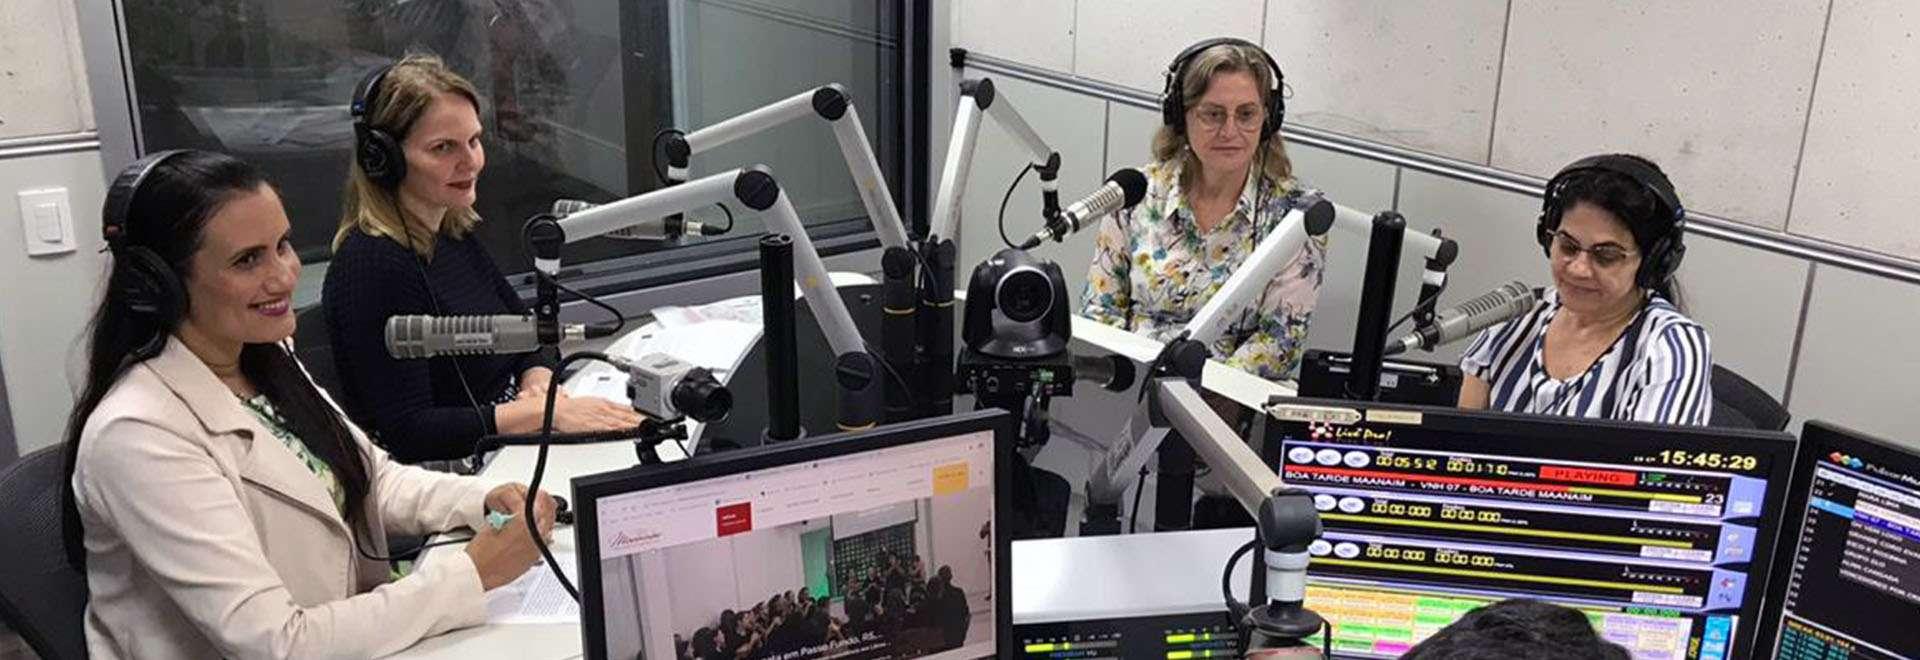 Grupo de Trabalho sobre Organização e Método, da Igreja Cristã Maranata, concede entrevista à Rádio Maanaim